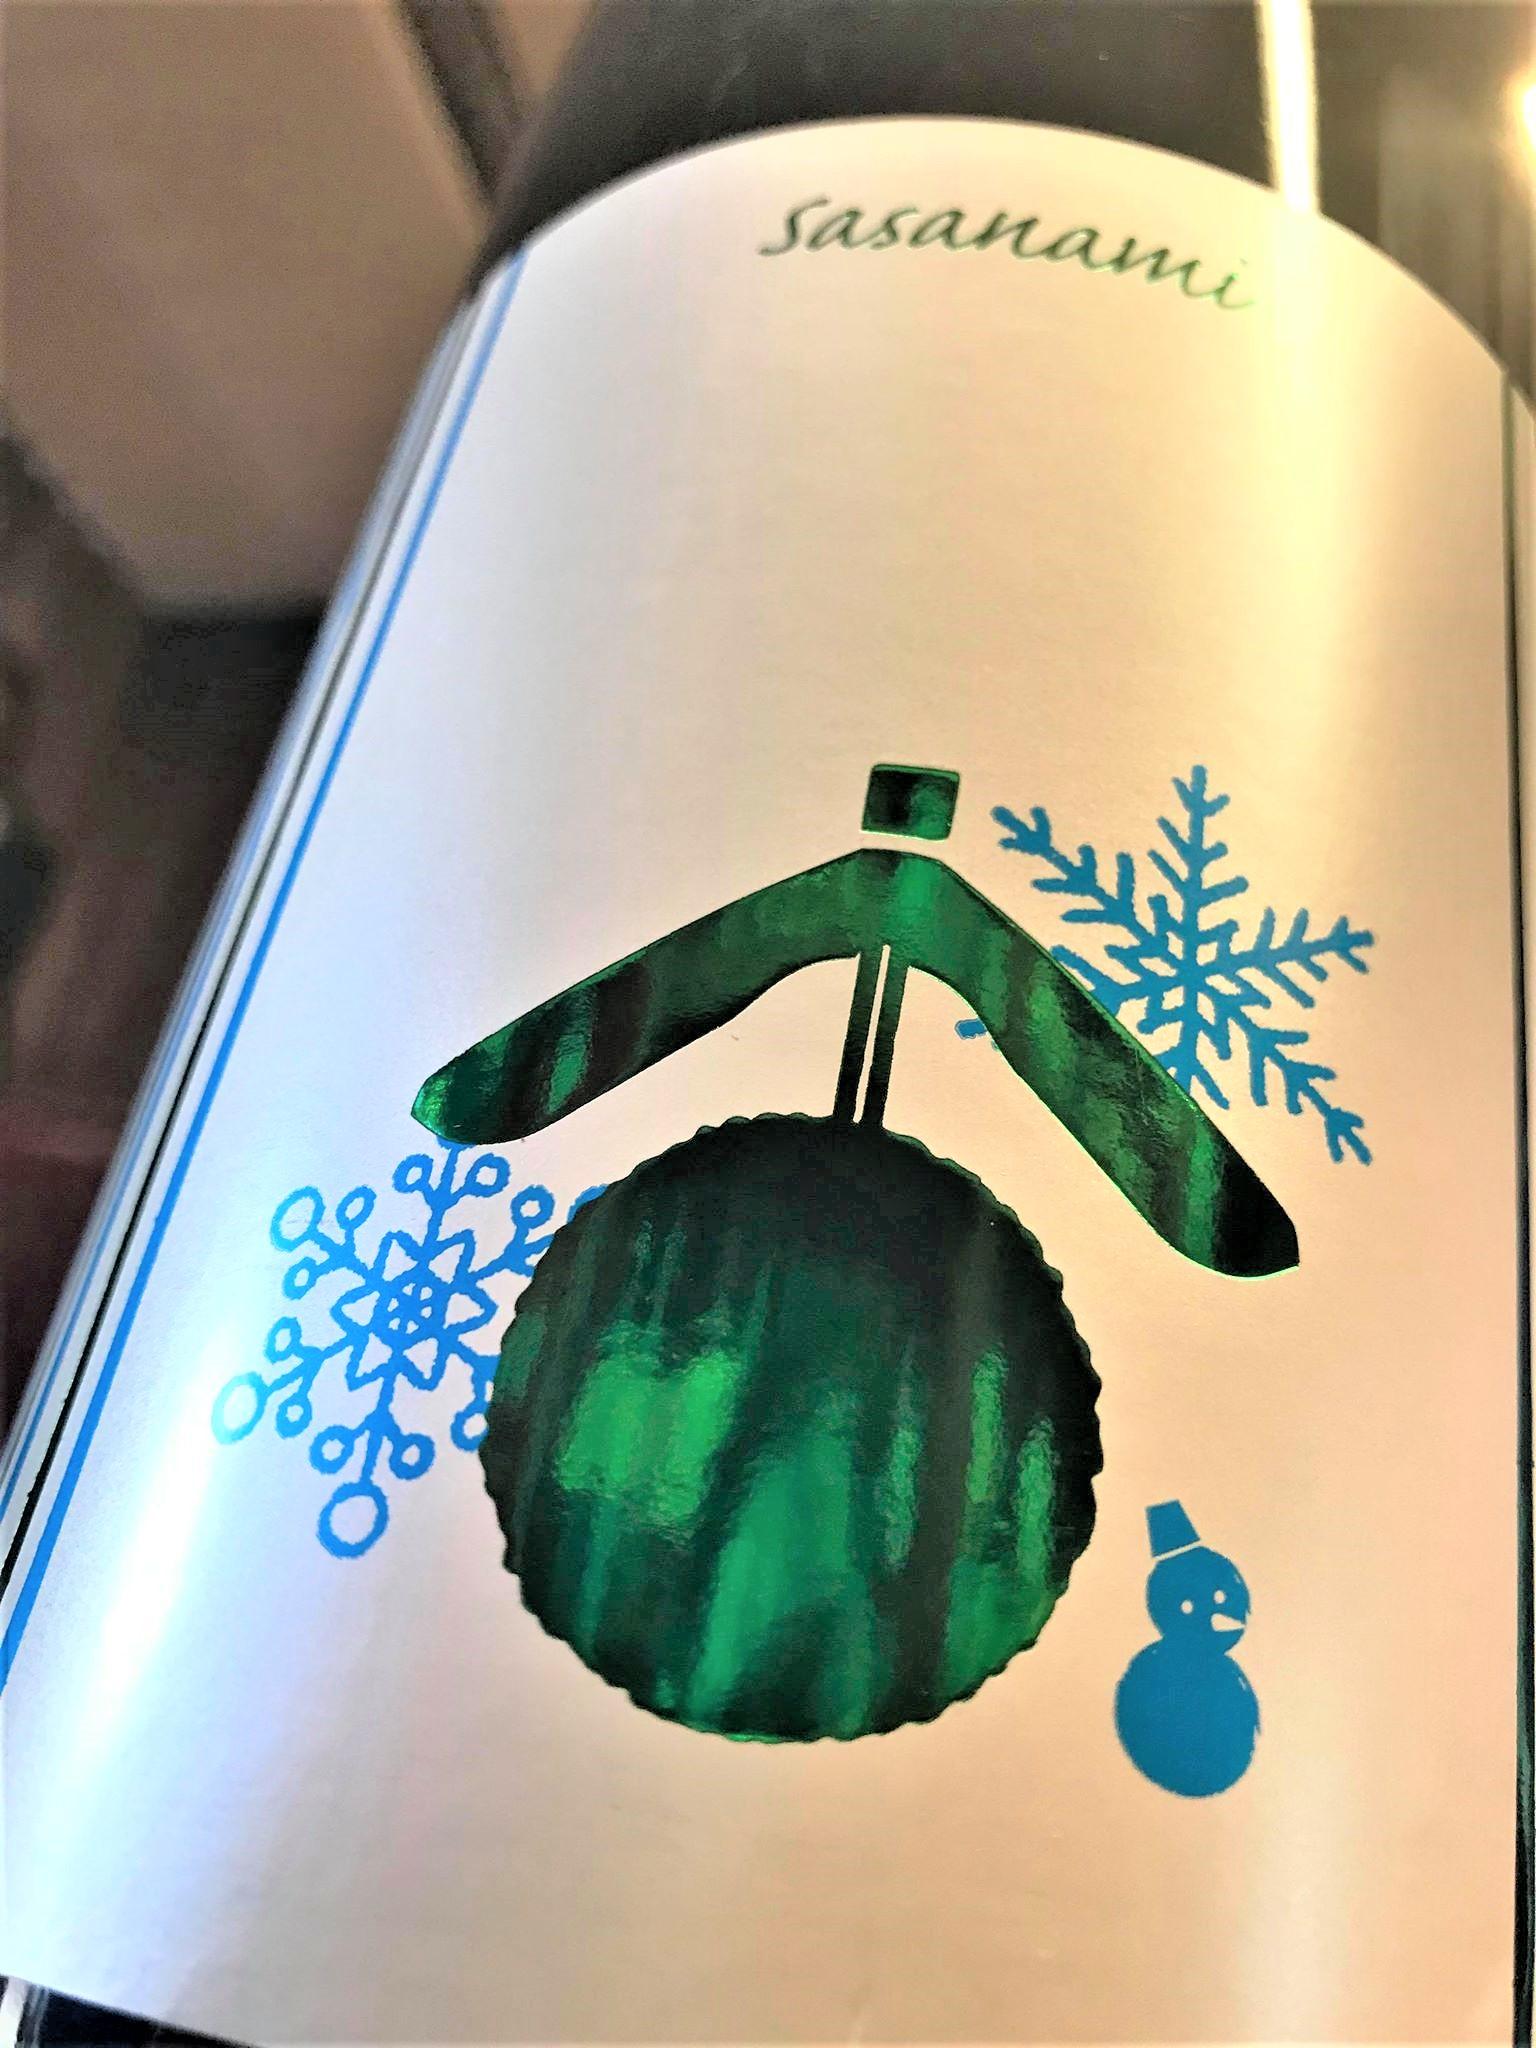 【日本酒】Sasanami 搾りたて❆冬純米 無濾過生原酒 八反錦仕込み 初回限定SPver 新酒令和1BY🆕_e0173738_14464365.jpg